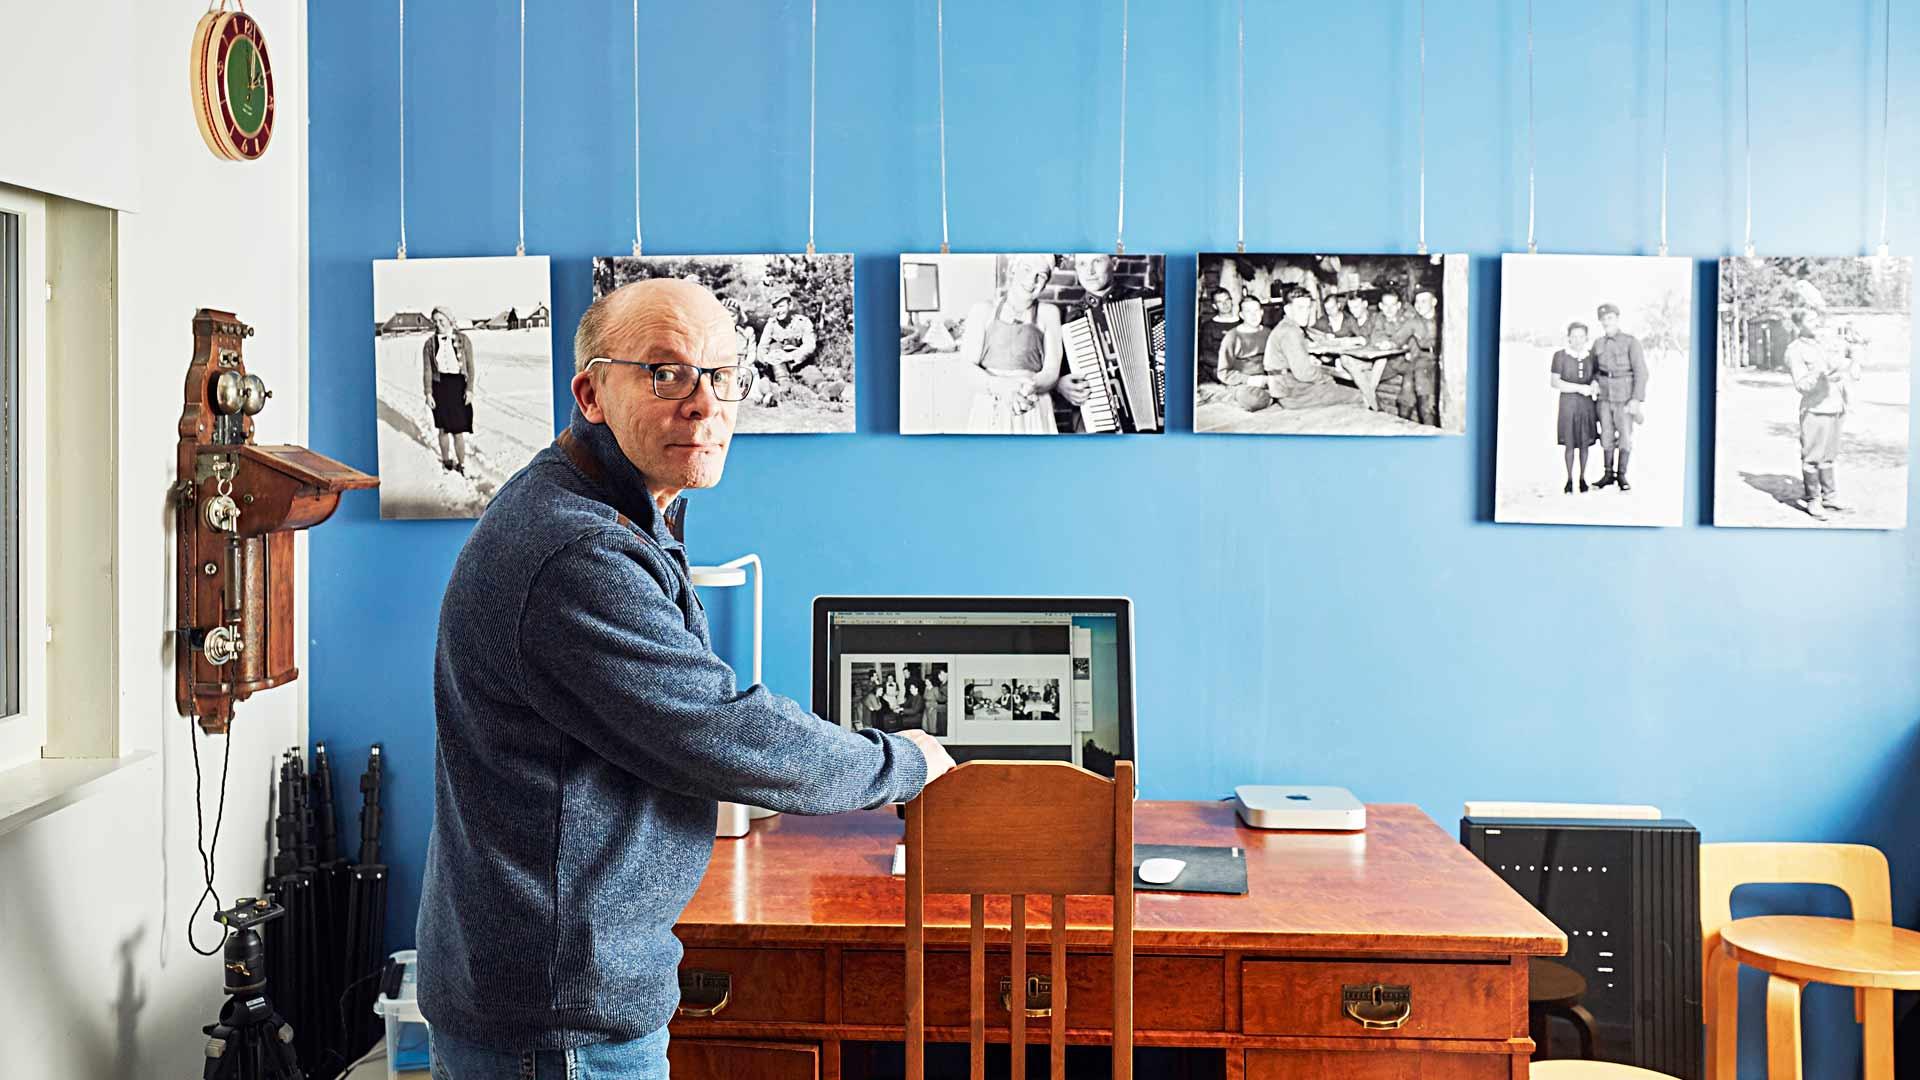 """Veli-Matin huoneen seinille on ripustettu kuvia sodasta. """"Löysin negatiivit aikoinaan vanhasta piirongista. Sukulaismies on ne ottanut, negatiivit palautettiin sodan jälkeen sukulaisille, kun mies itse kaatui rintamalle."""""""